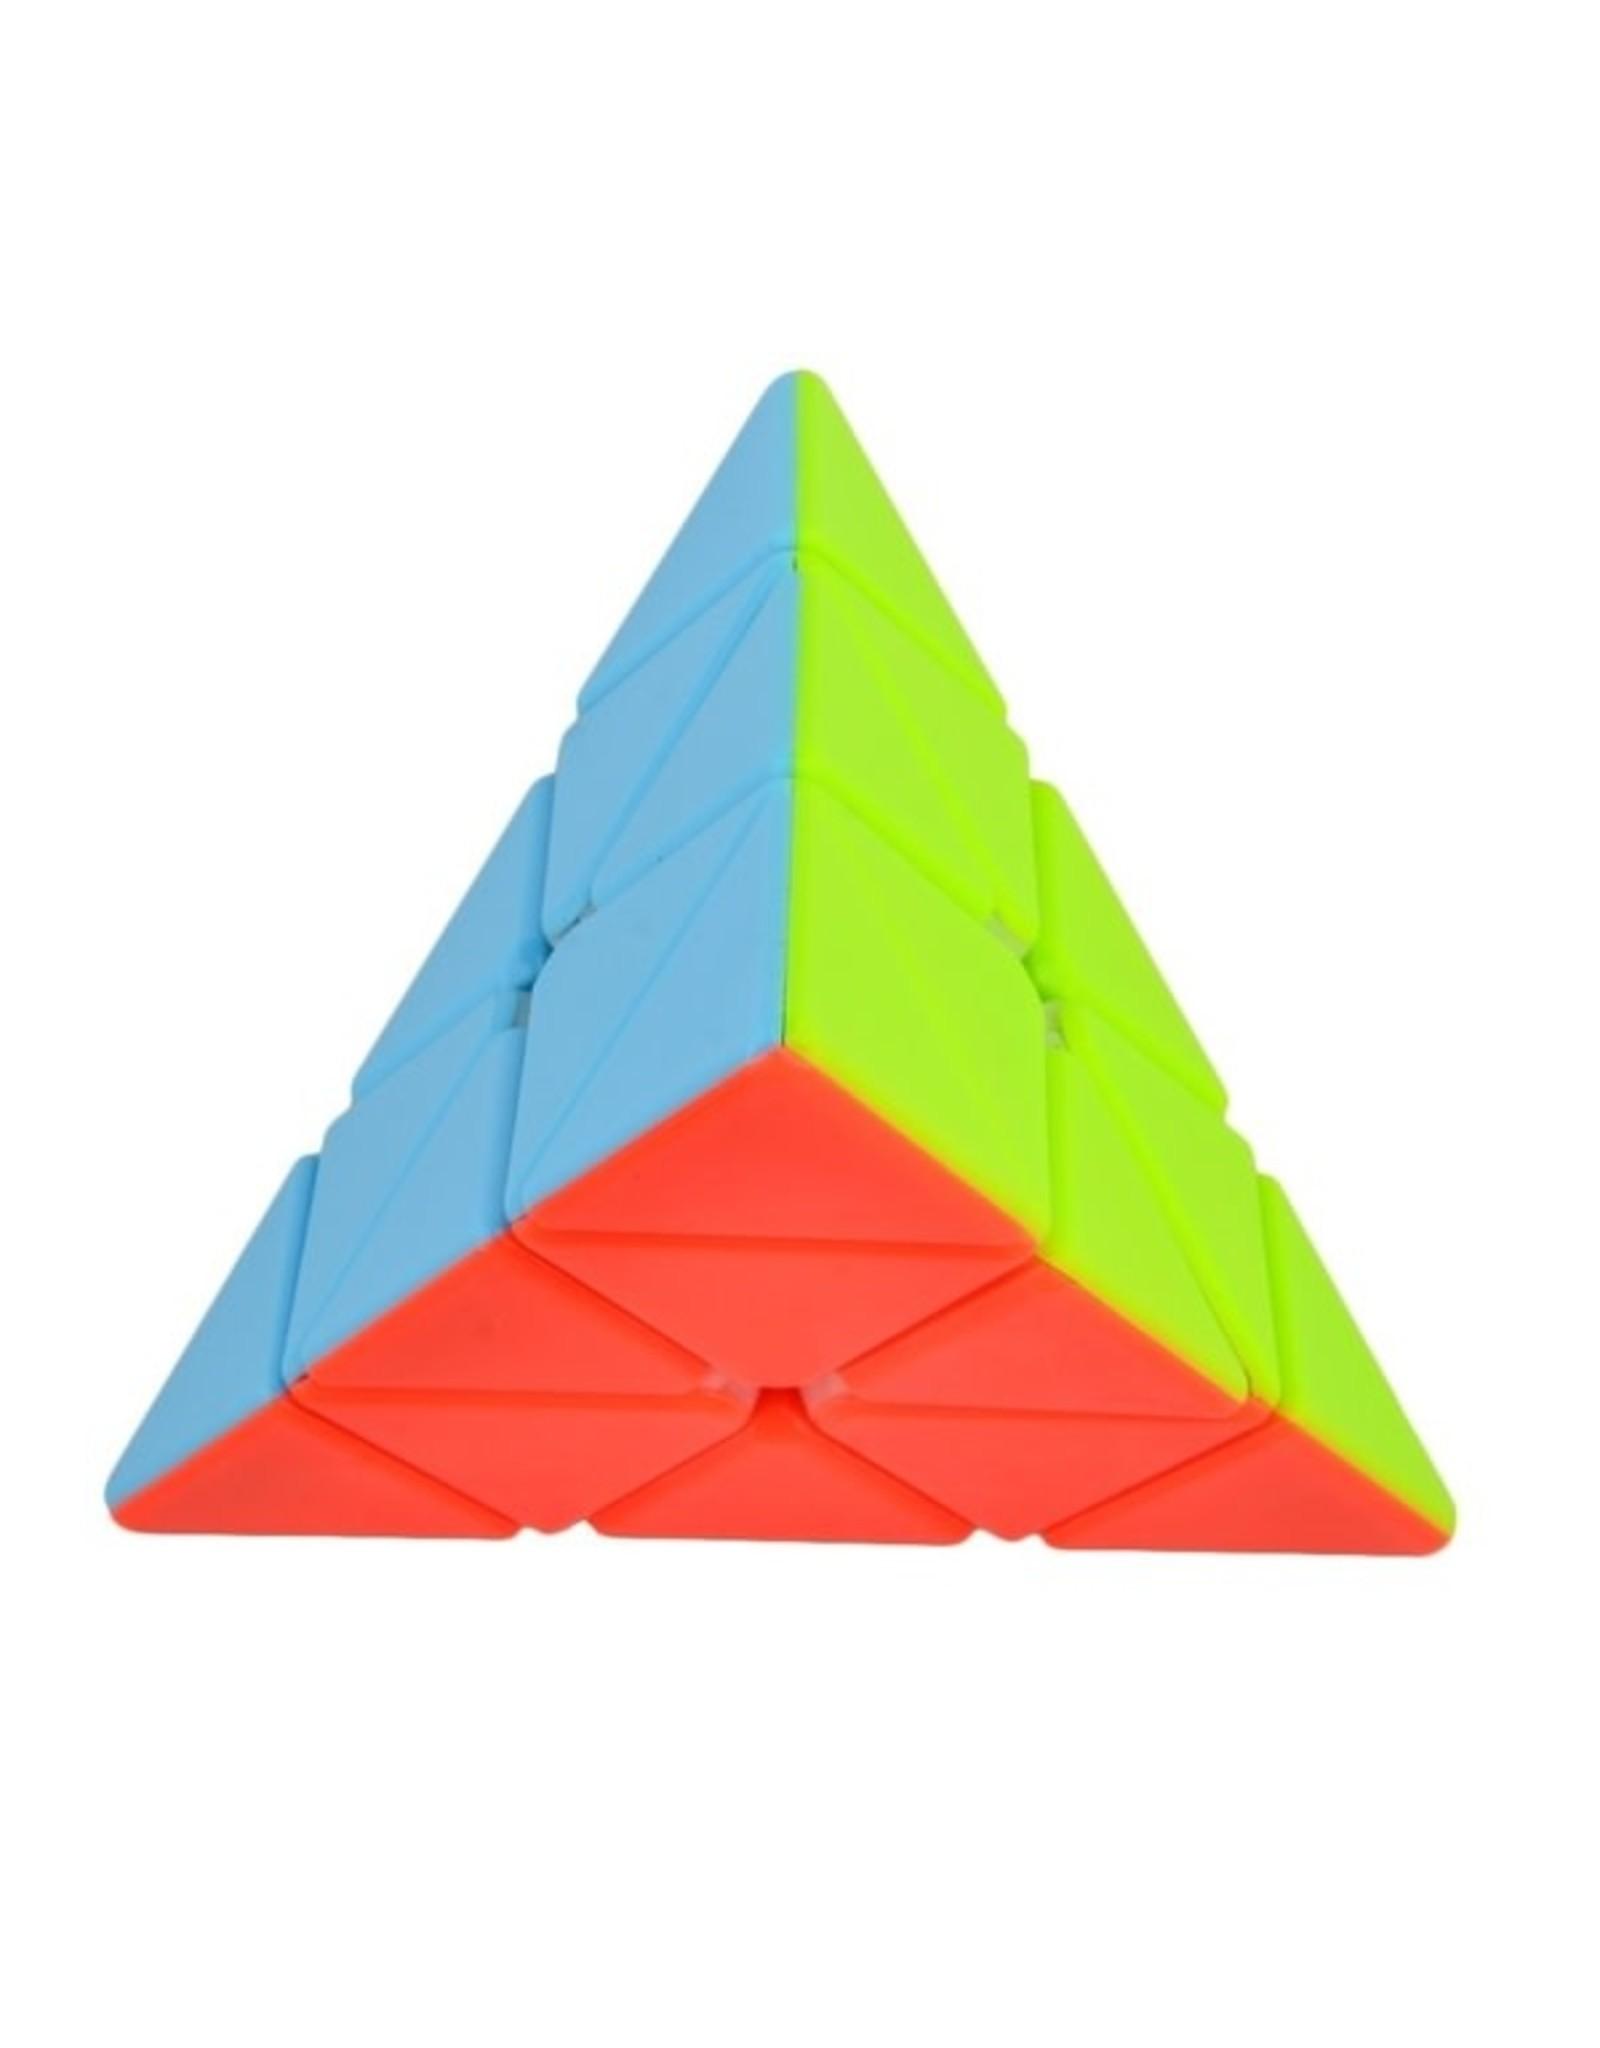 SpeedCubeShop Pyraminx (SCS)